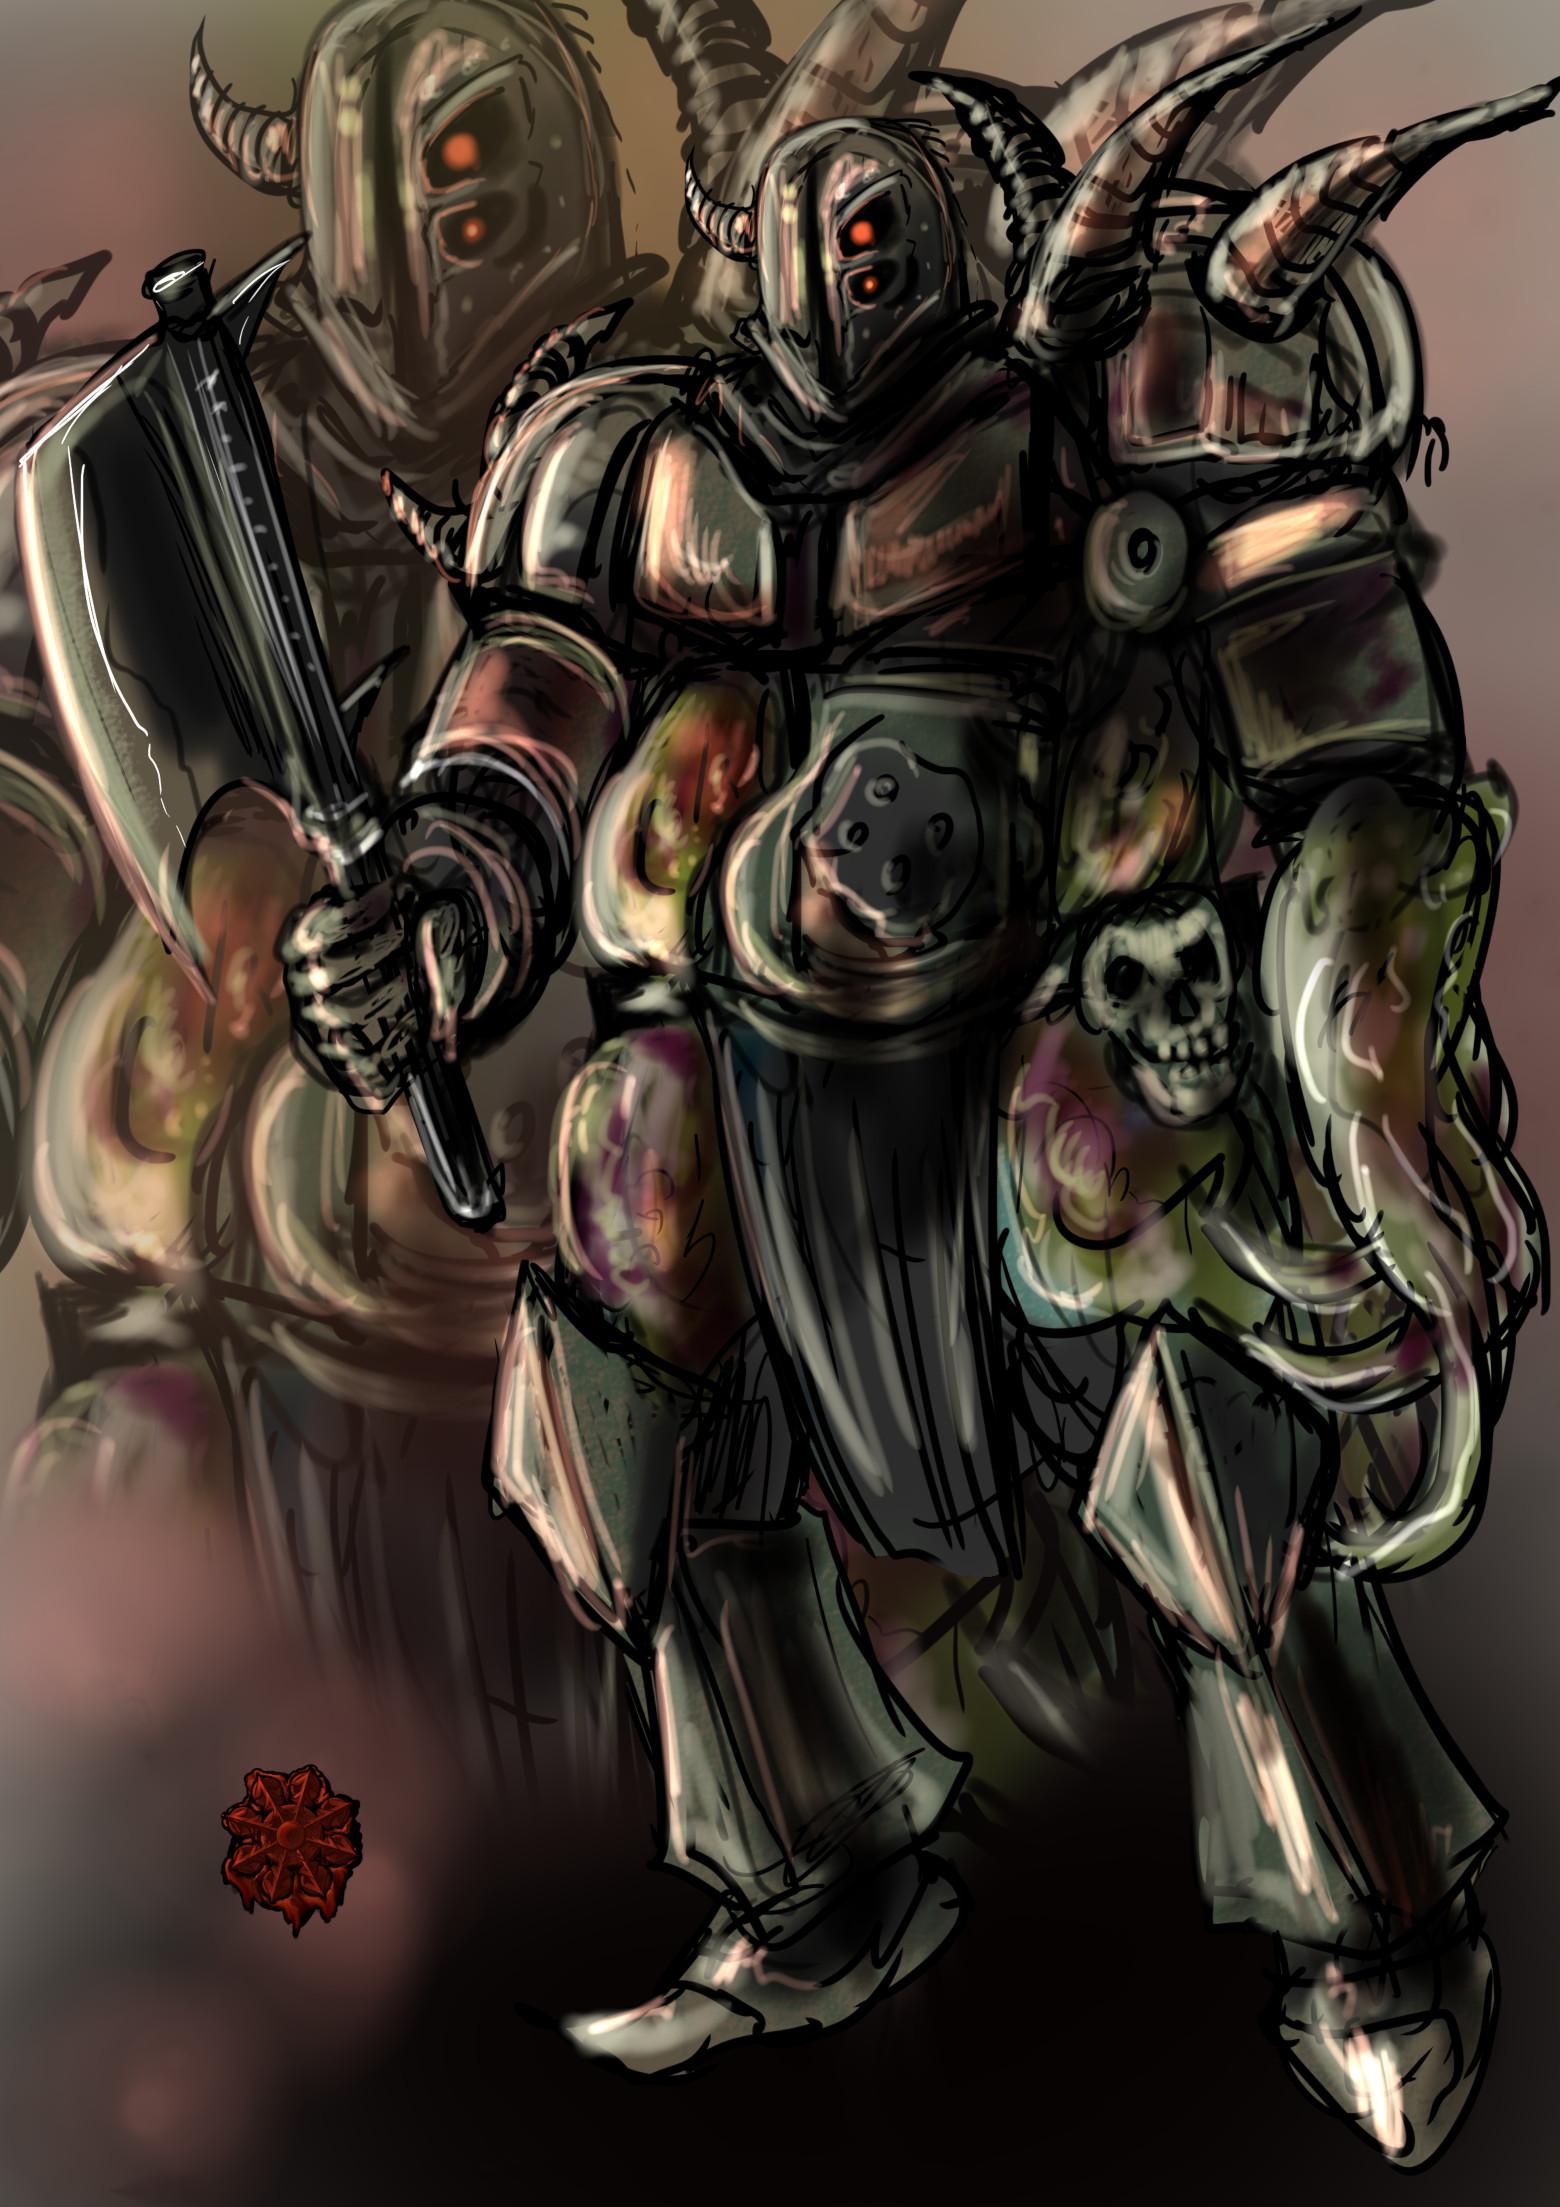 ハーフオーガ混沌の戦士男